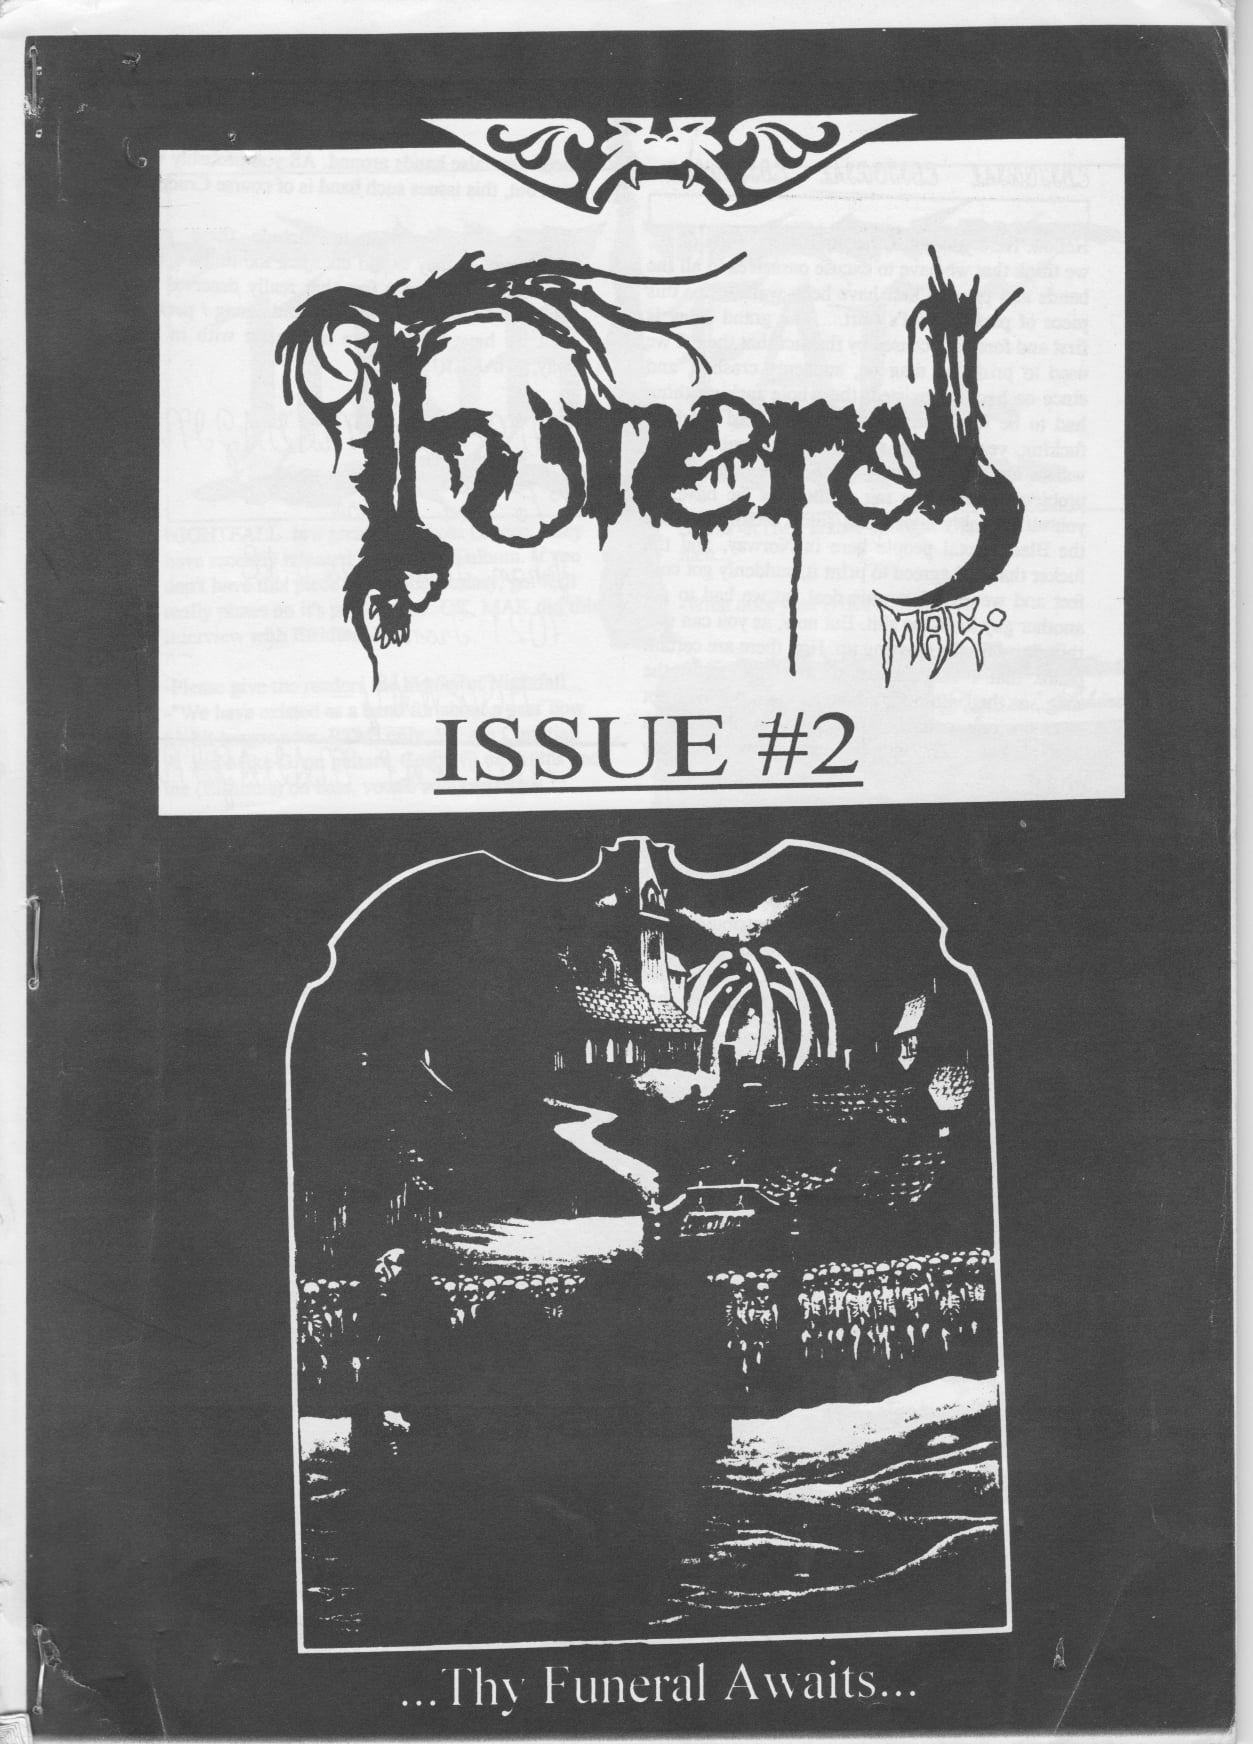 Couv' du fanzine Funeral #2